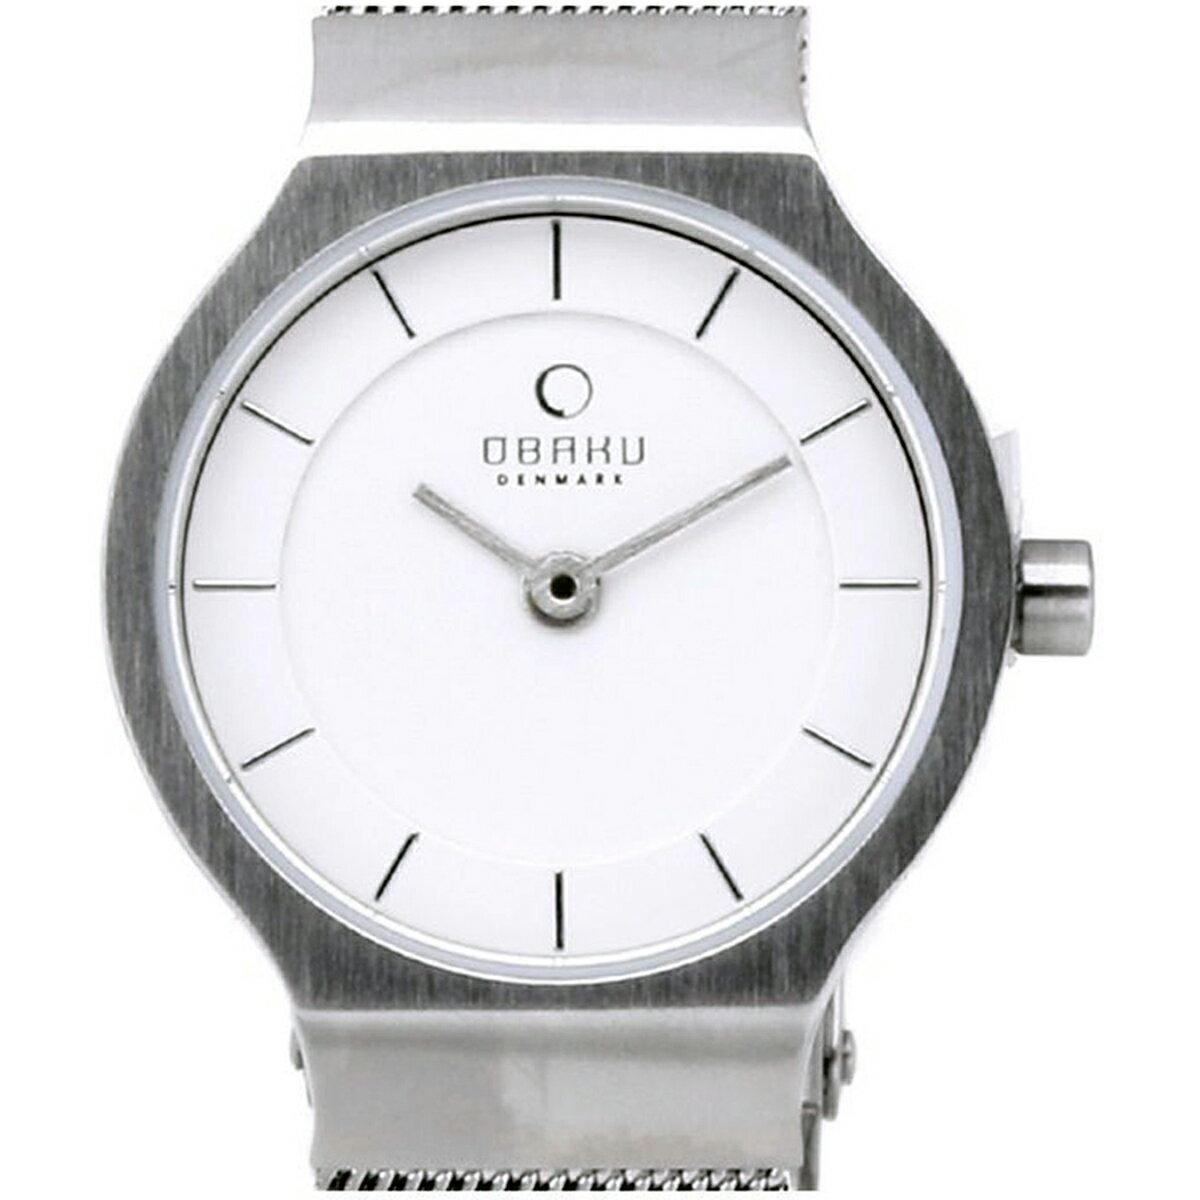 【ポイント10倍】OBAKU オバック クォーツ 腕時計 デンマーク シンプル 薄型 ファッション [V133SCIMC] 並行輸入品 純正ケース メーカー保証